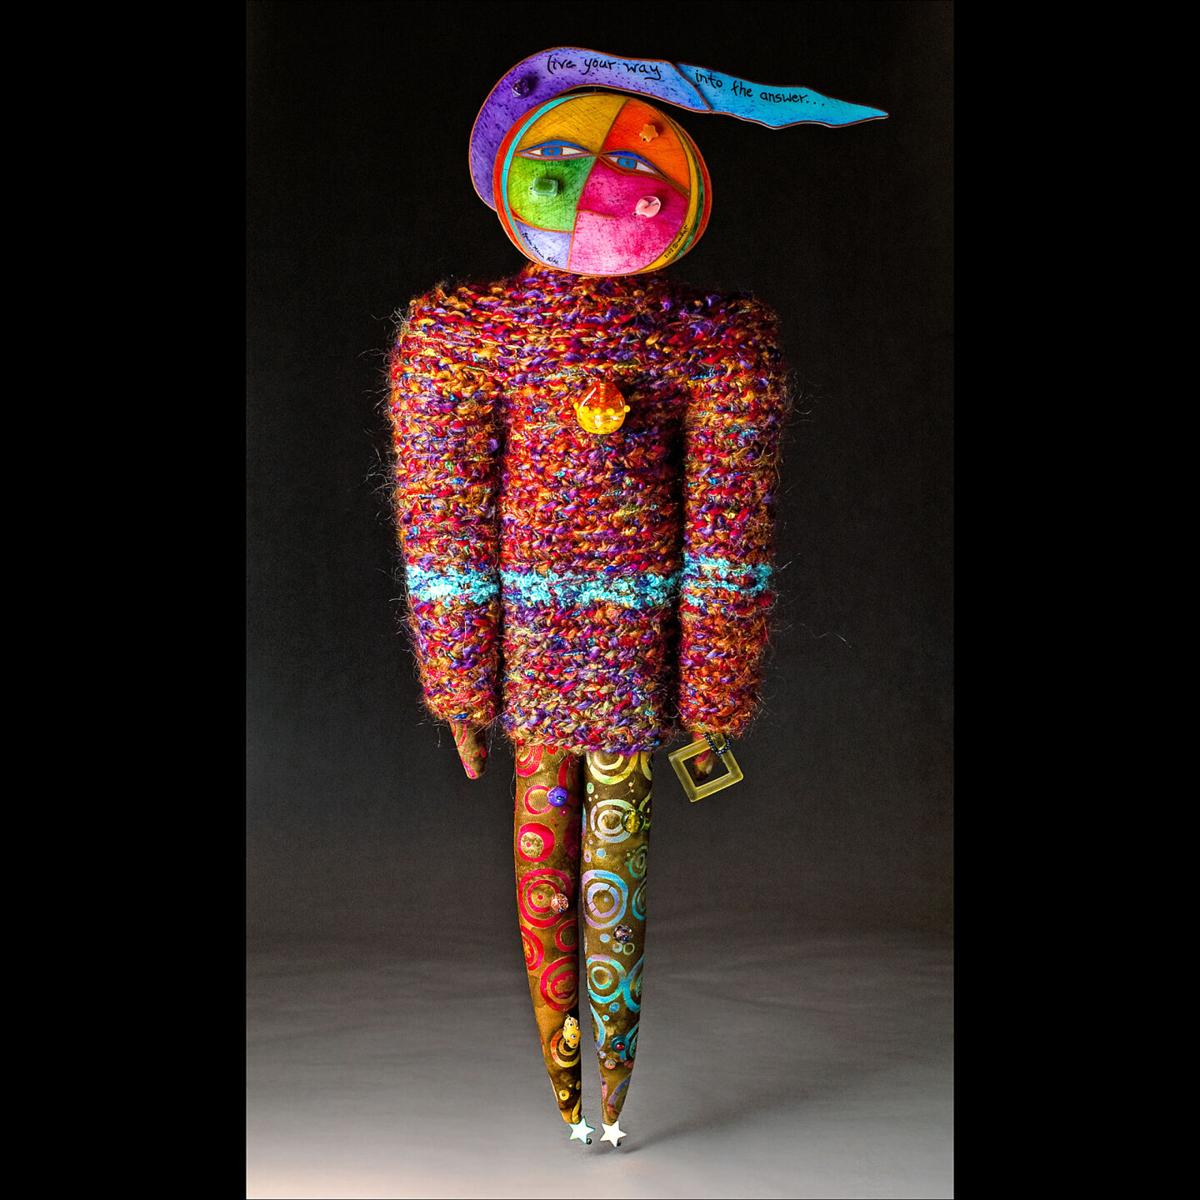 Mixed media soft sculpture